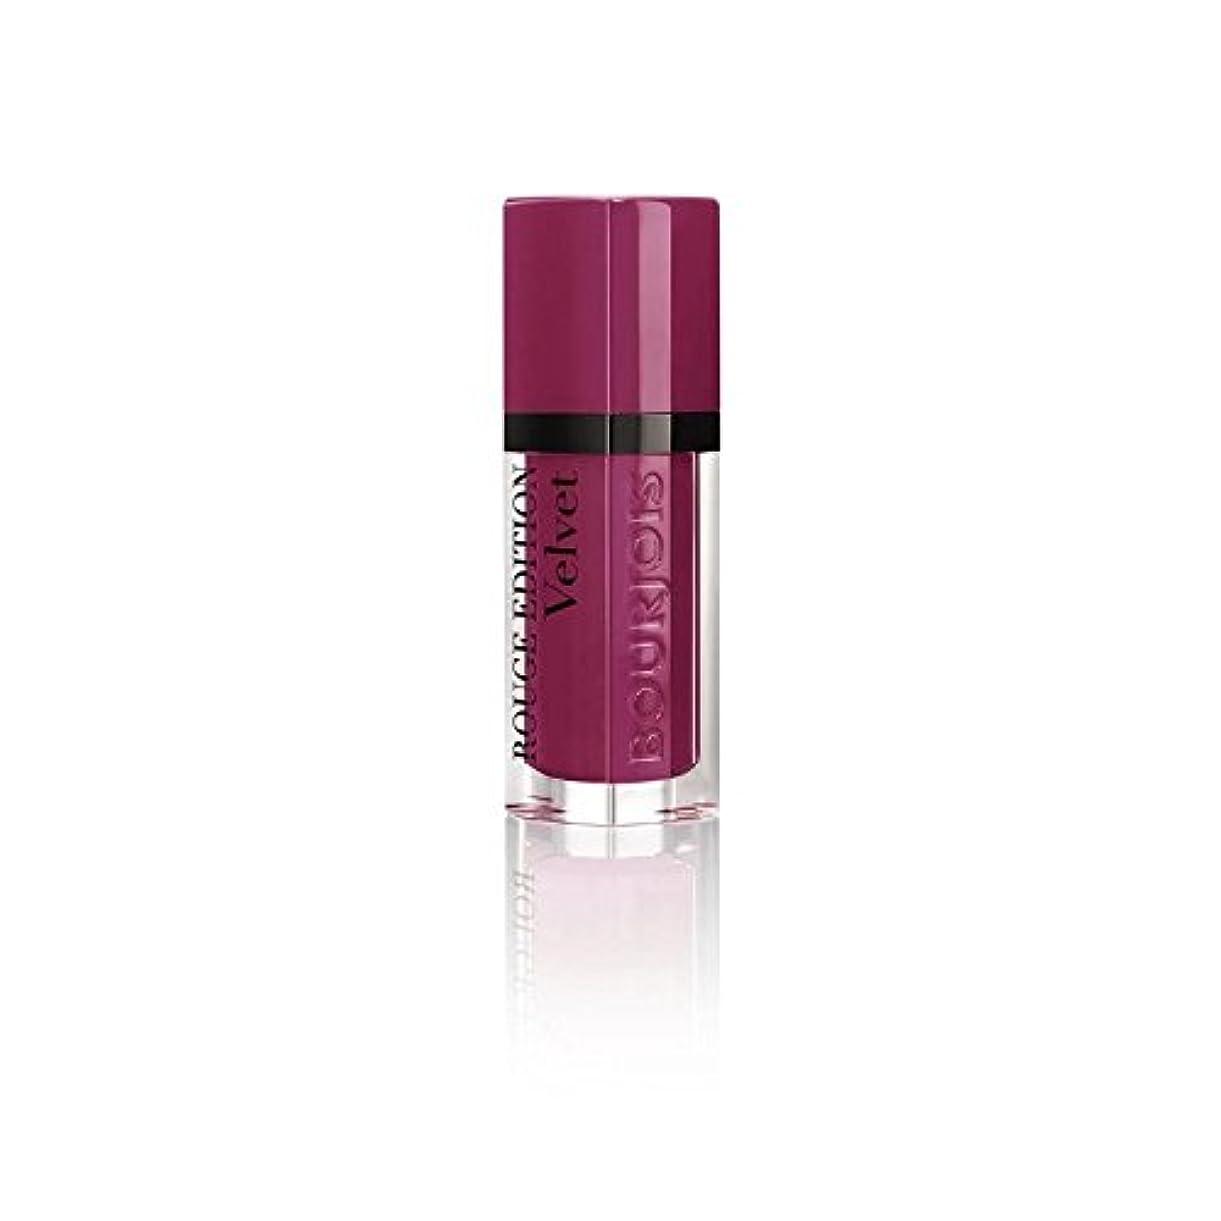 噂紫の有名人ルージュ版のベルベットの口紅、梅梅の女の子の8ミリリットル (Bourjois) (x 4) - Bourjois Rouge Edition Velvet Lipstick, Plum Plum Girl 8ml (Pack of 4) [並行輸入品]